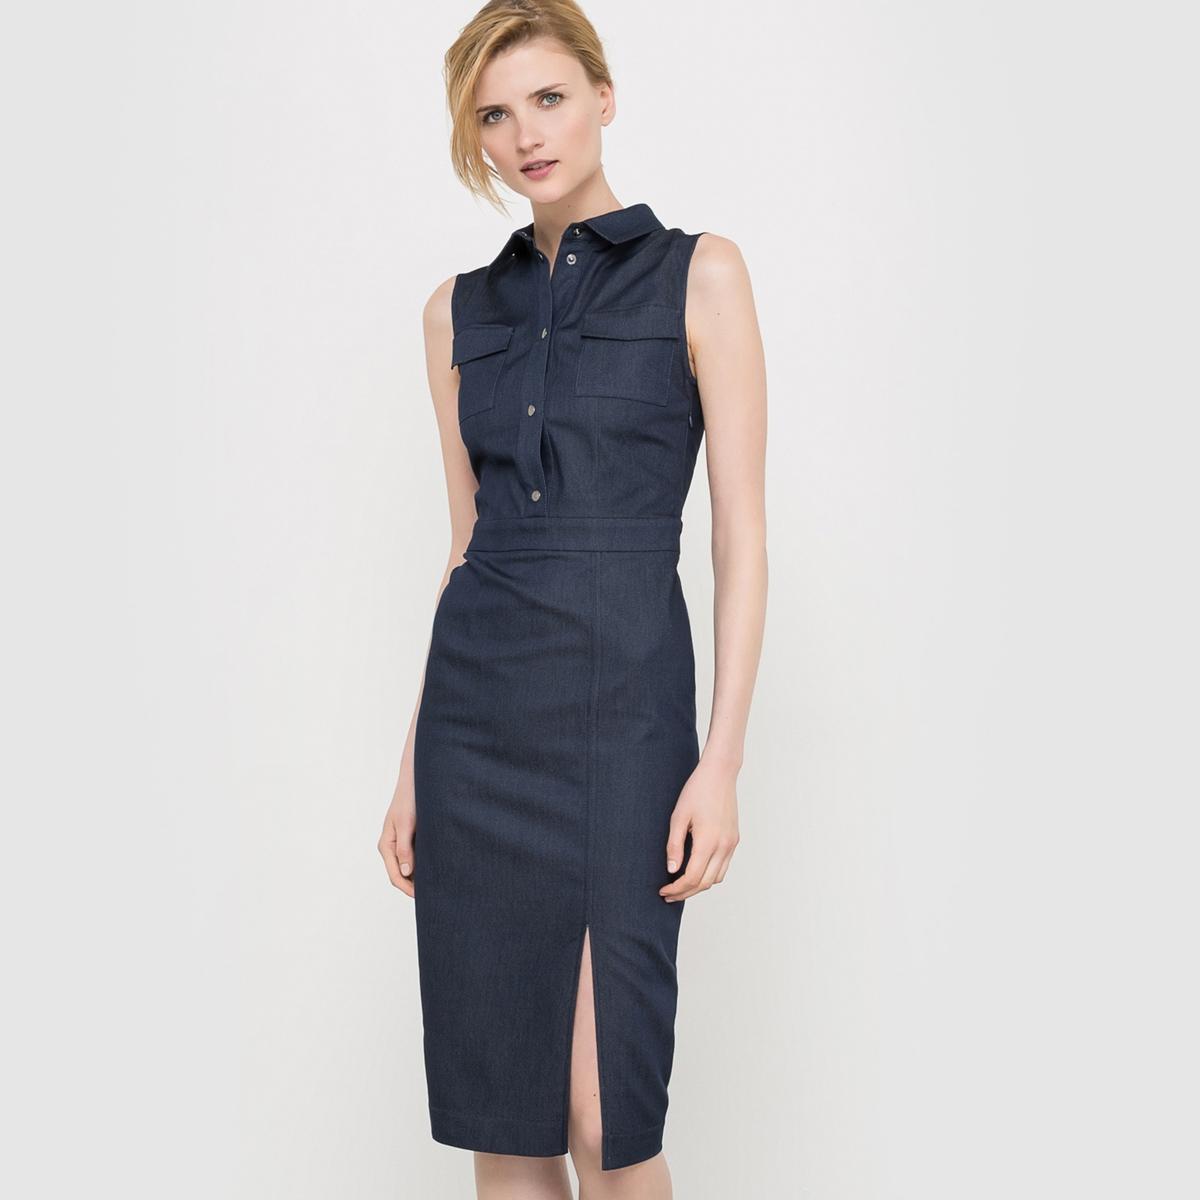 Платье джинсовое джинсовое платье quelle ashley brooke by heine 55726